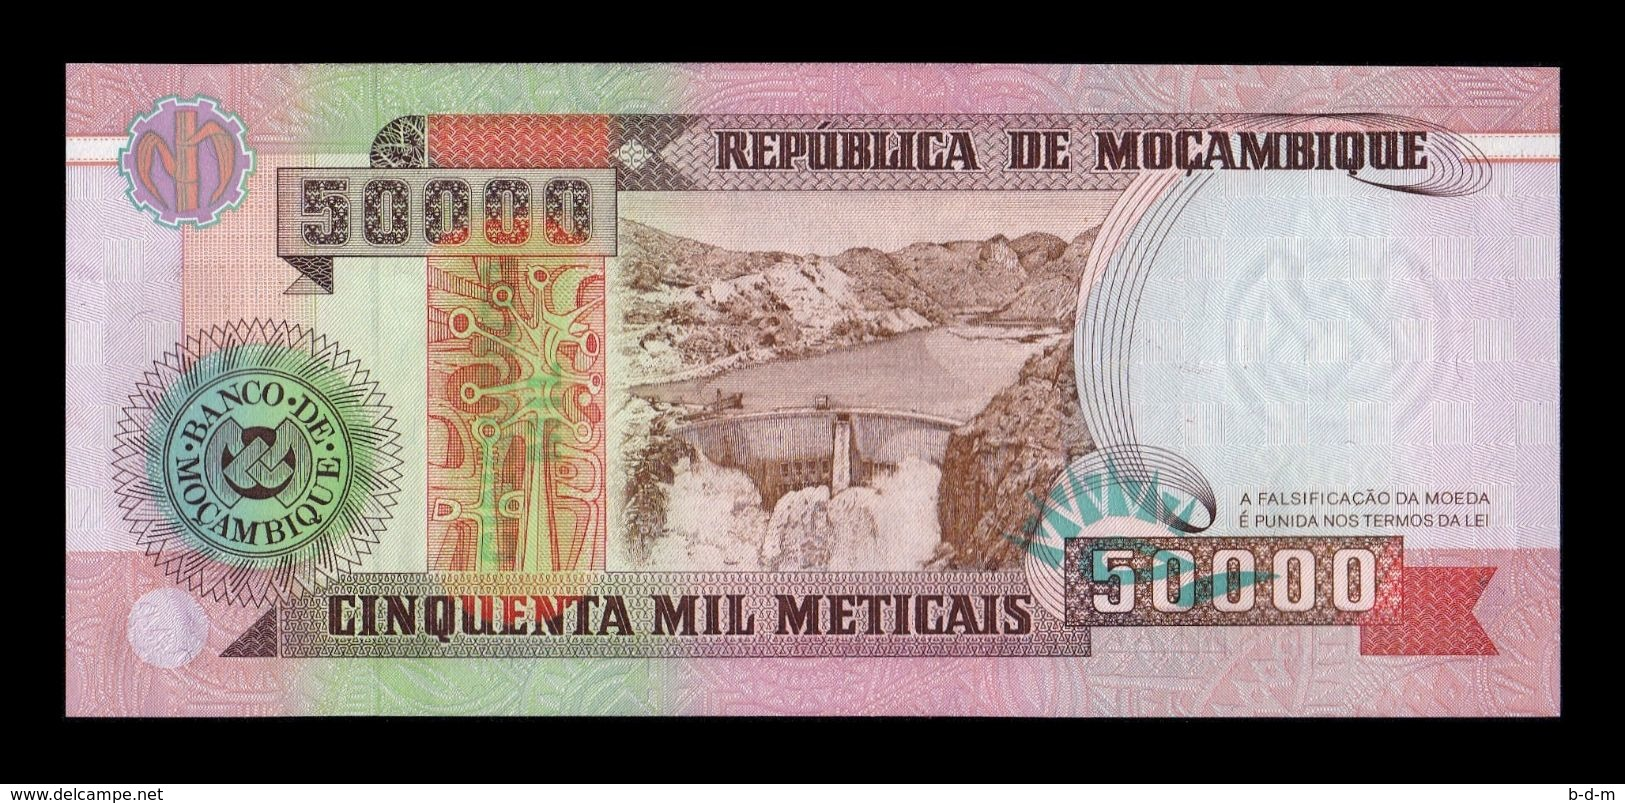 Mozambique 50000 Meticais 1993 Pick 138 SC UNC - Mozambique